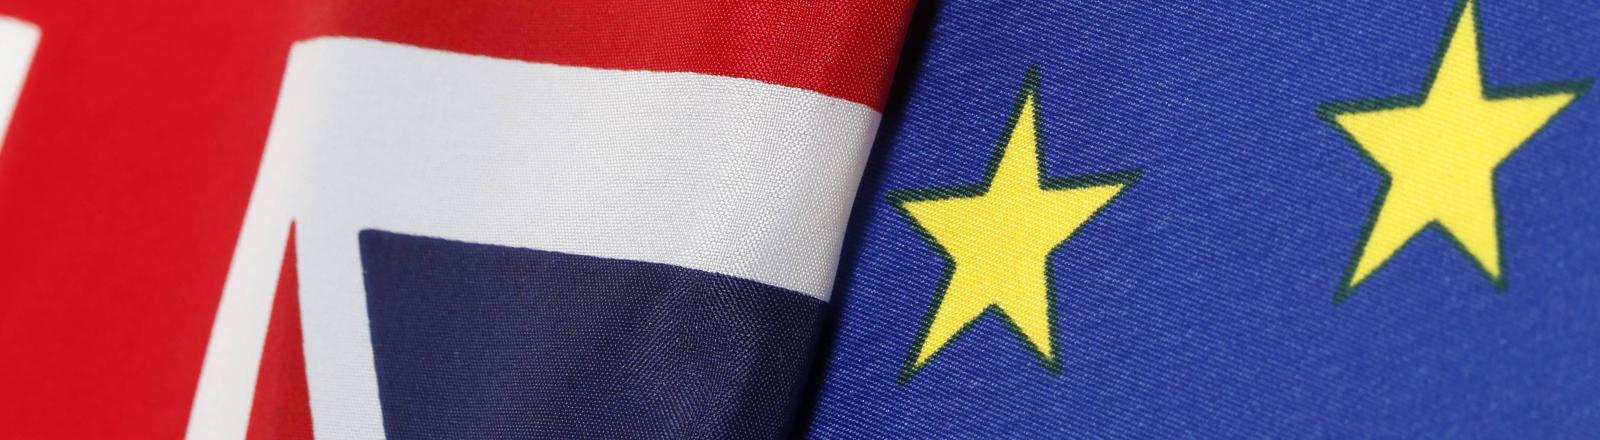 Die britische Flagge liegt auf der EU-Flagge.